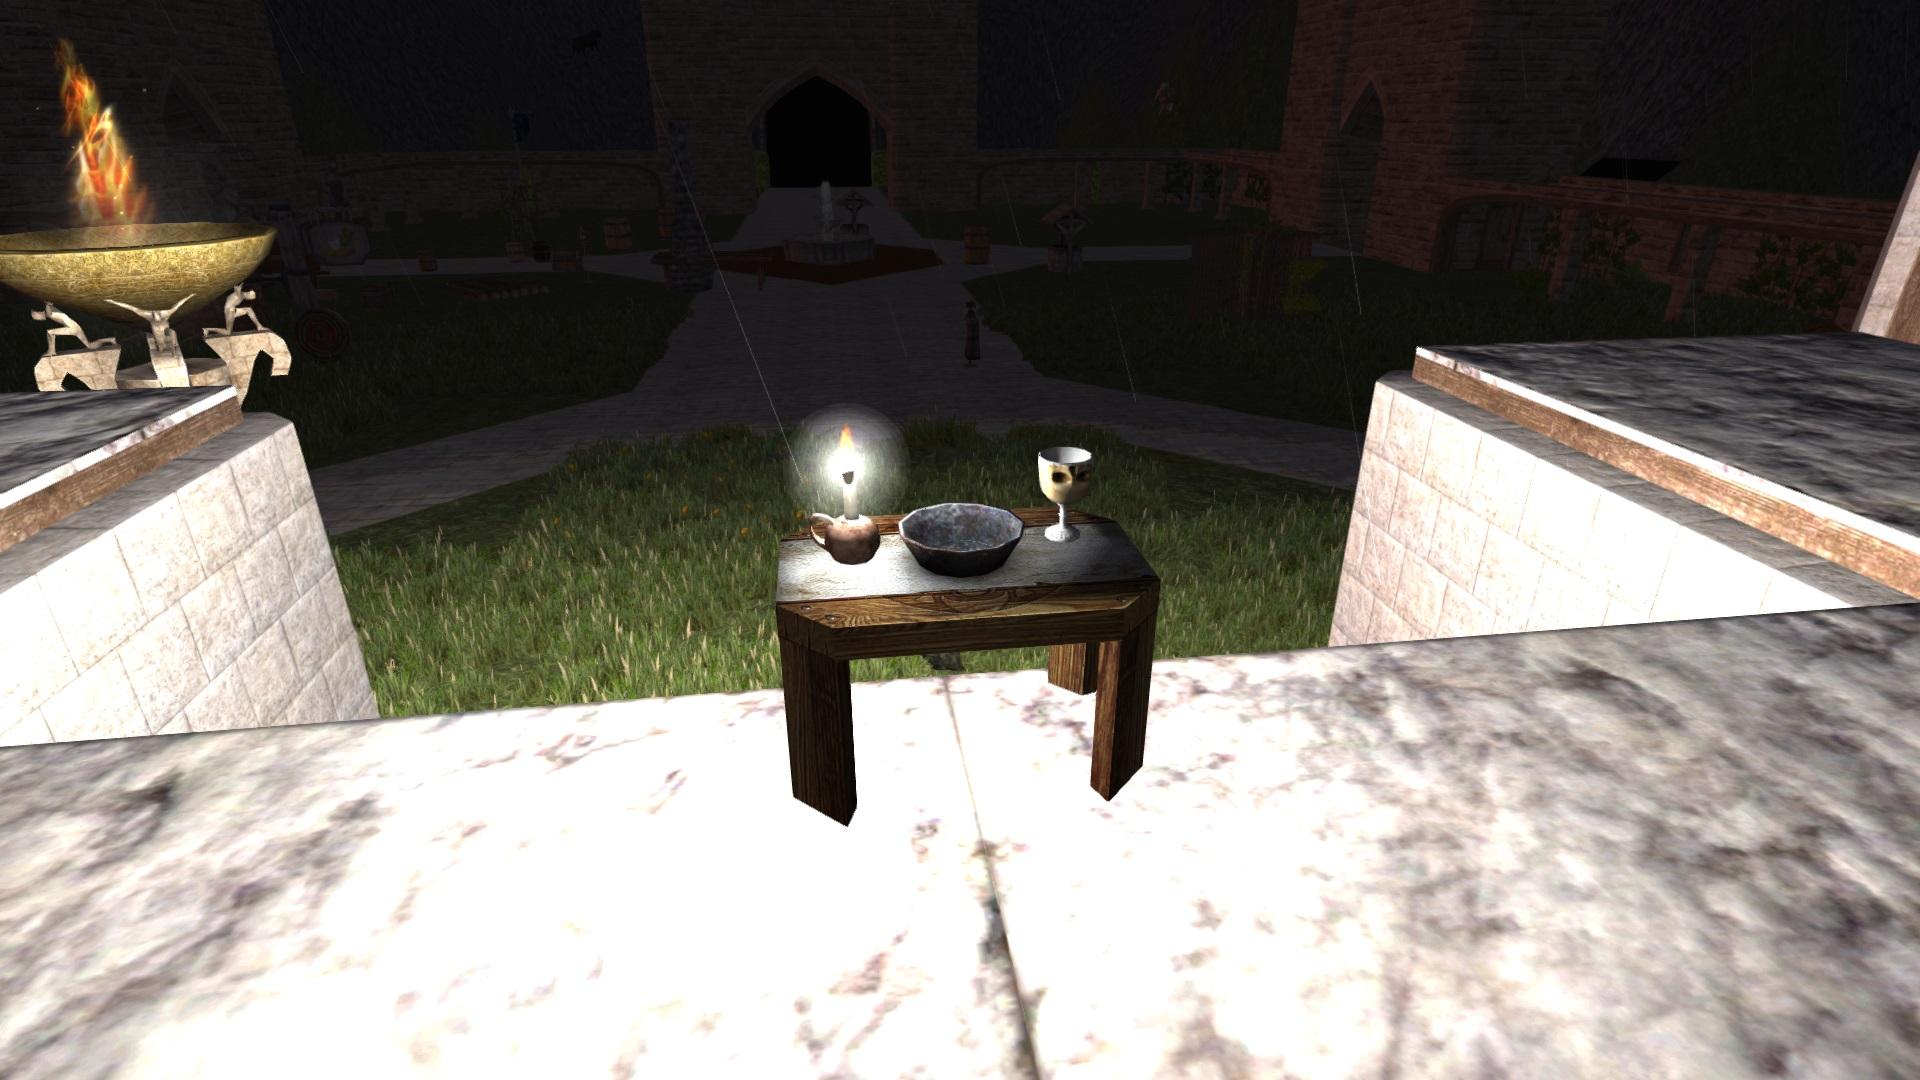 wurm-surfacelights-altar-bright.jpg